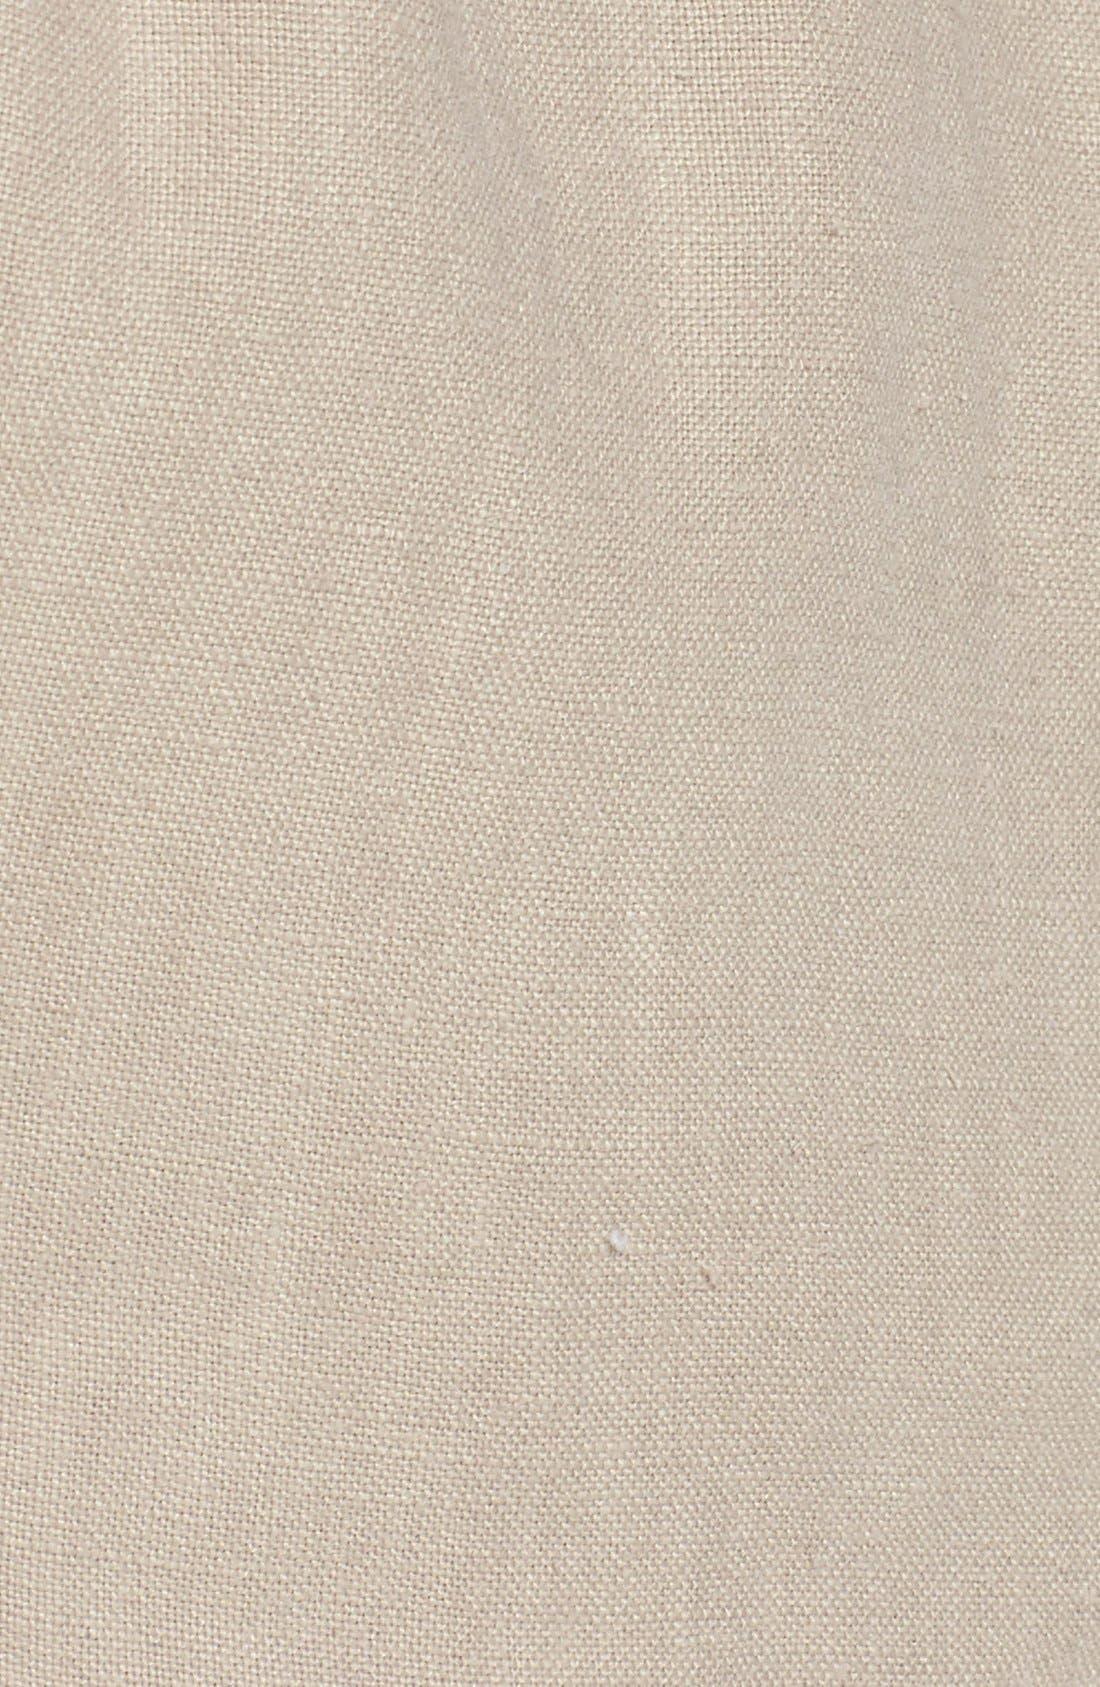 Vilbrequin Linen Cargo Shorts,                             Alternate thumbnail 5, color,                             Jute